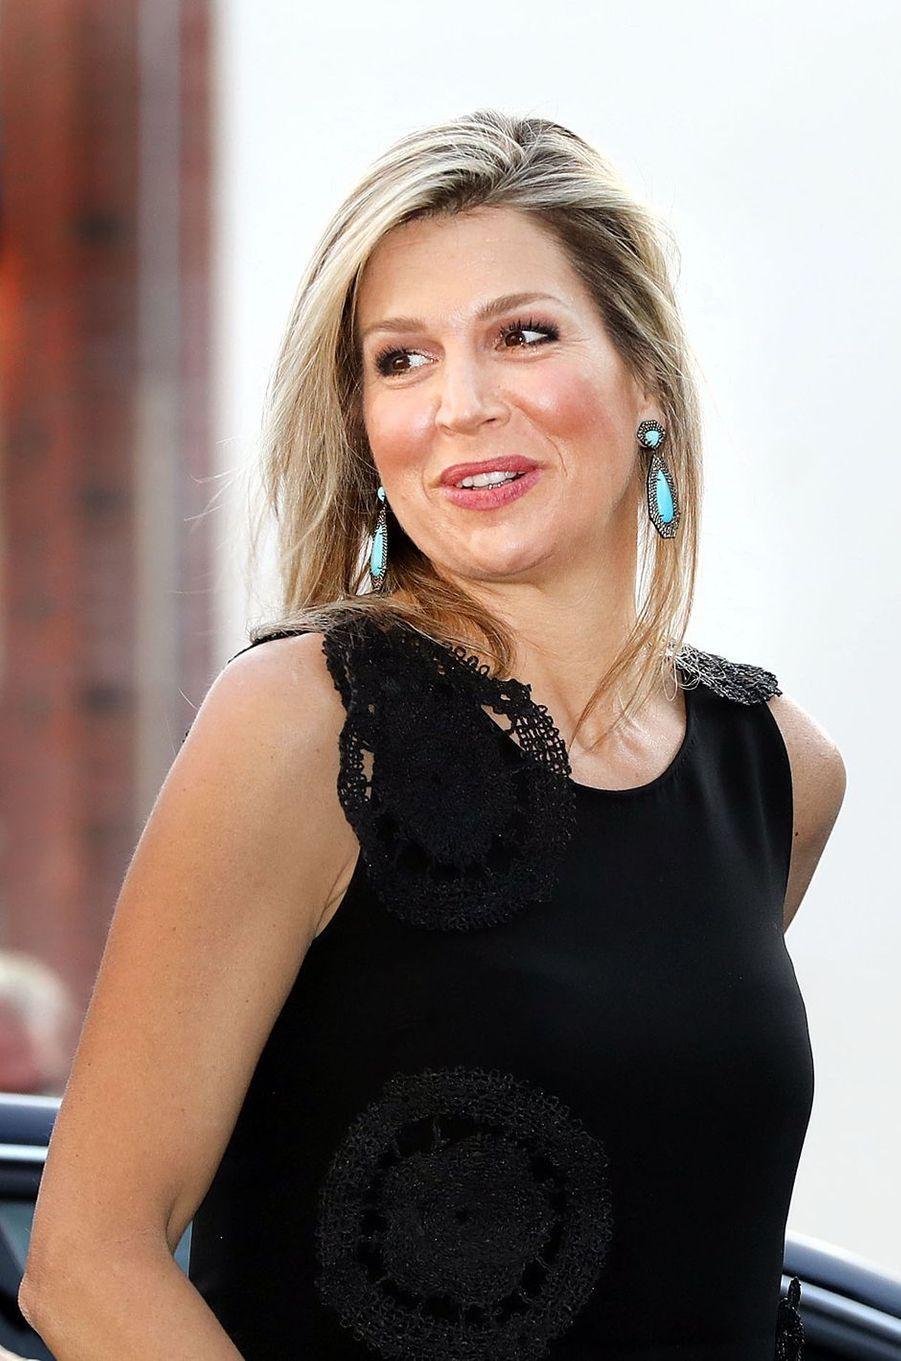 Les boucles d'oreille de la reine Maxima des Pays-Bas à Amsterdam, le 18 avril 2018